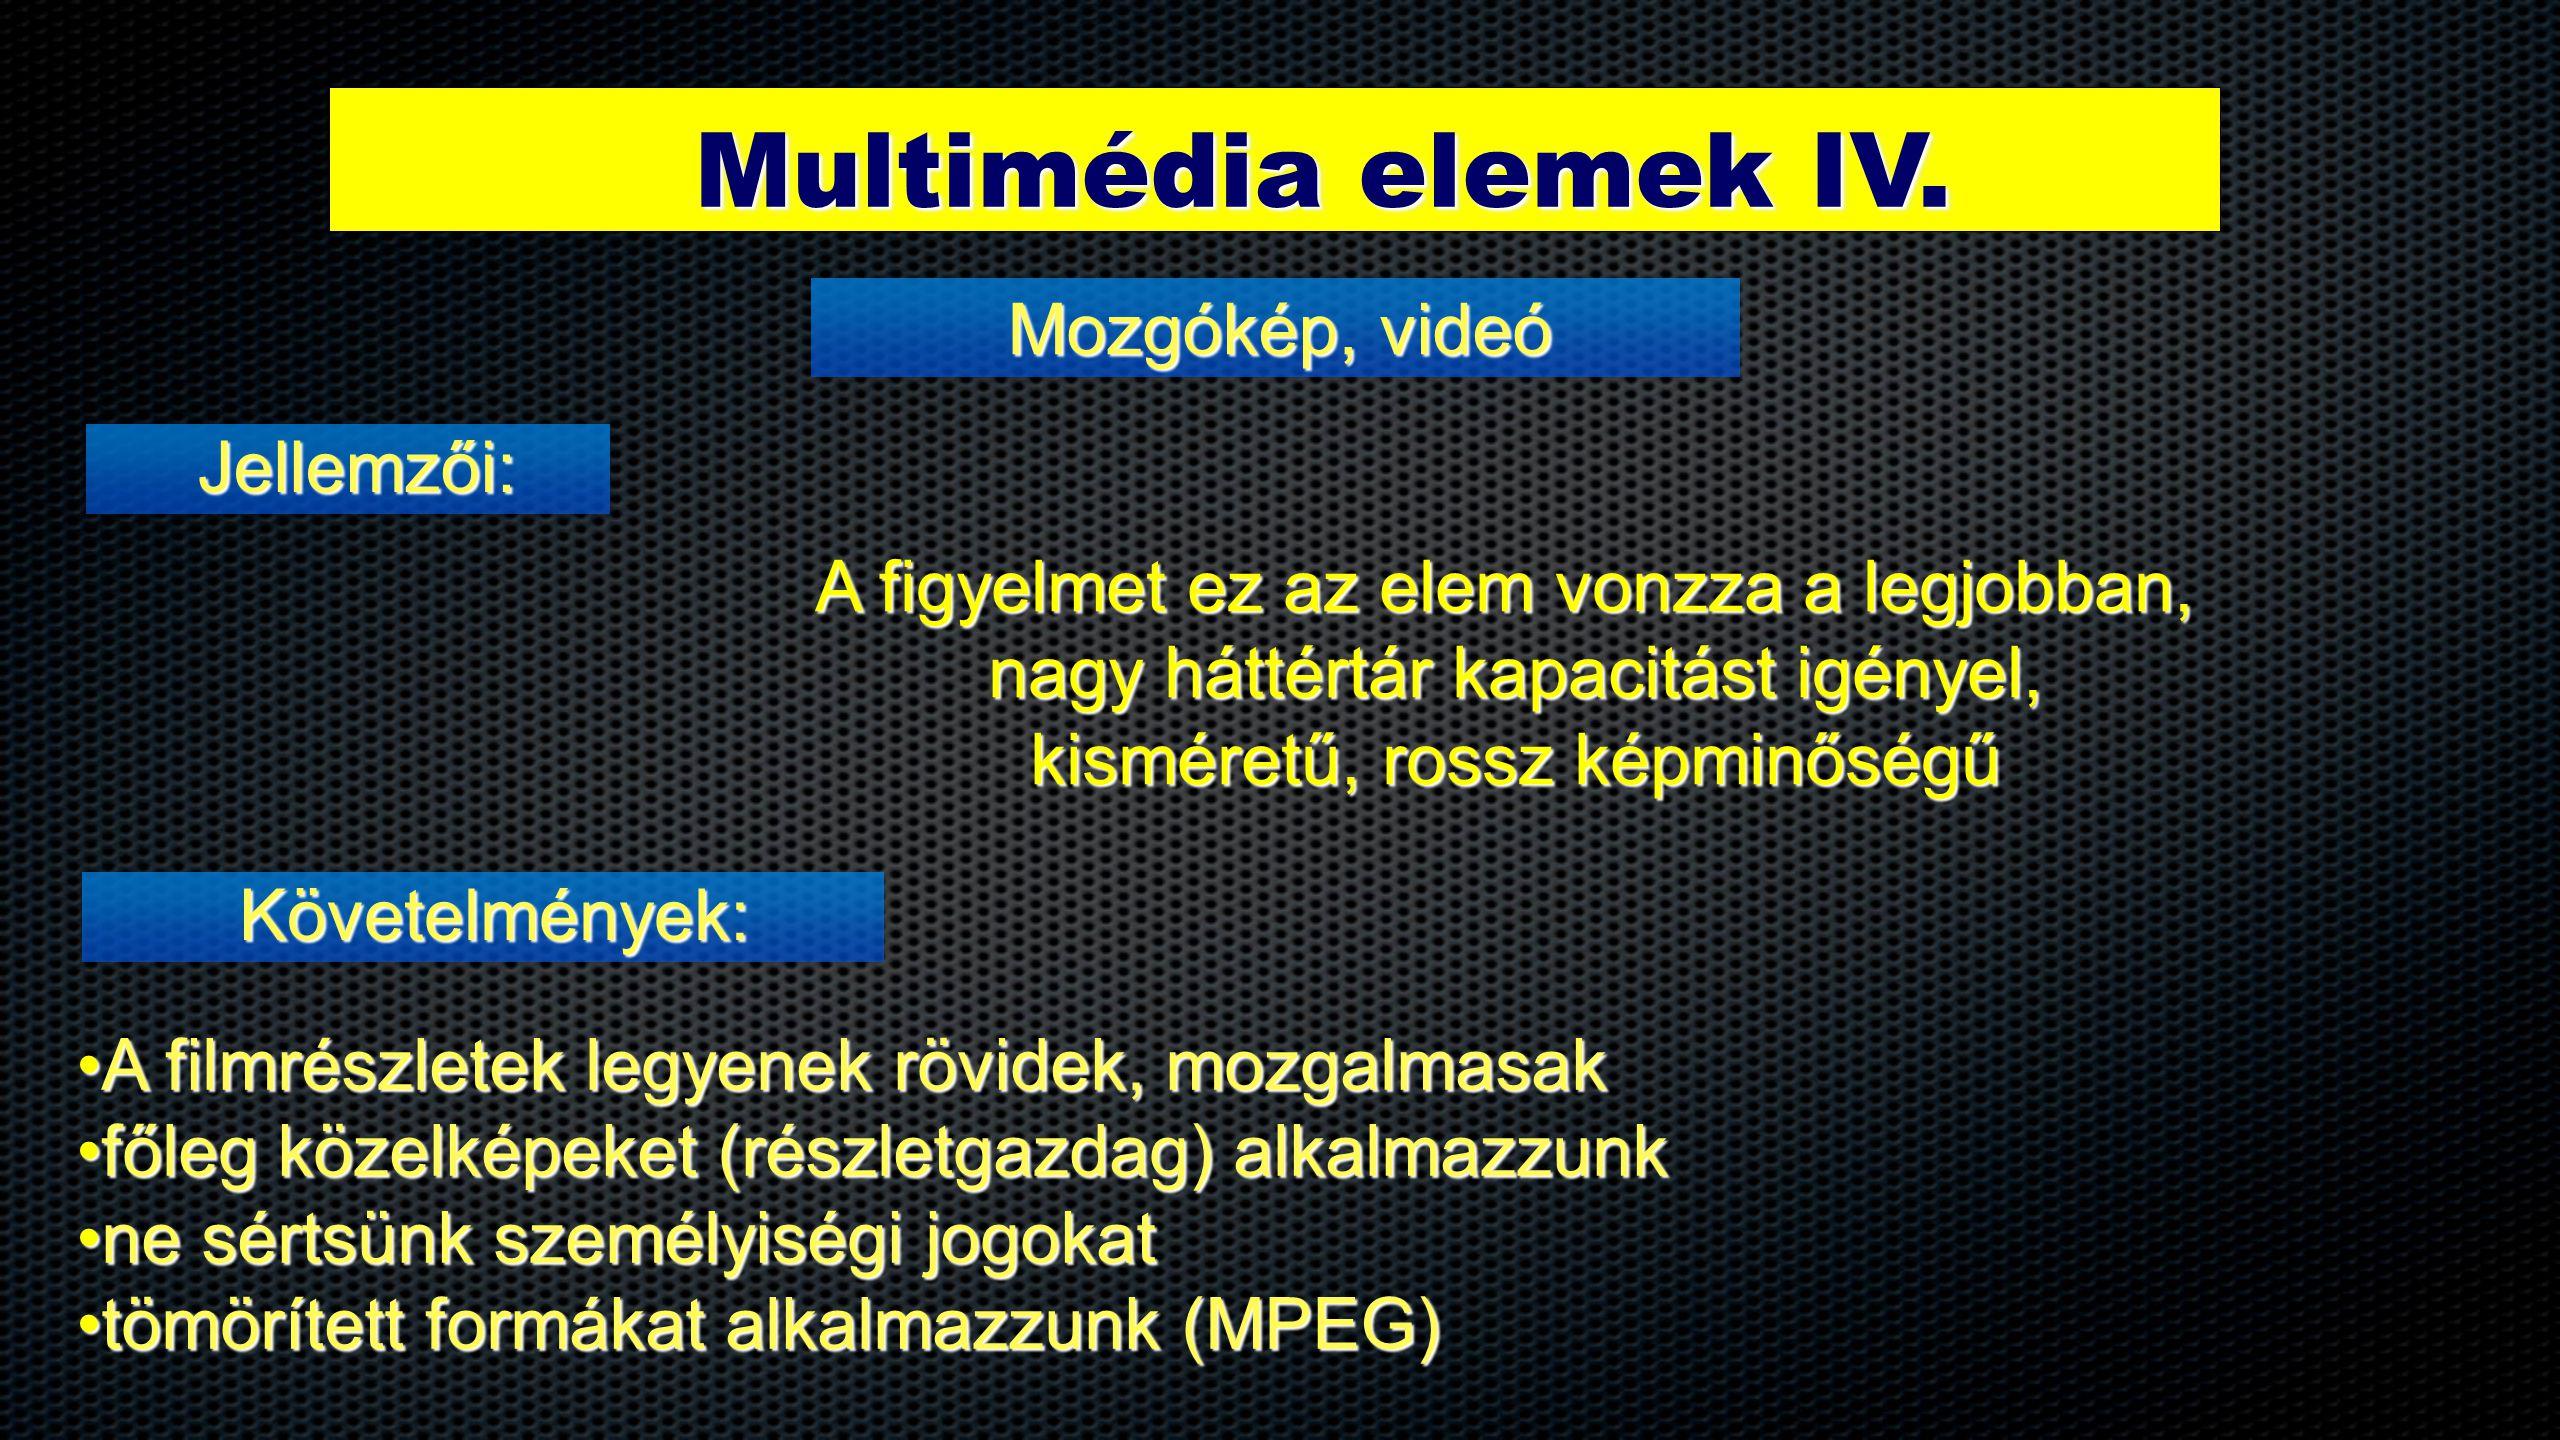 Multimédia elemek IV. Jellemzői: Mozgókép, videó Követelmények: A figyelmet ez az elem vonzza a legjobban, nagy háttértár kapacitást igényel, kisméret